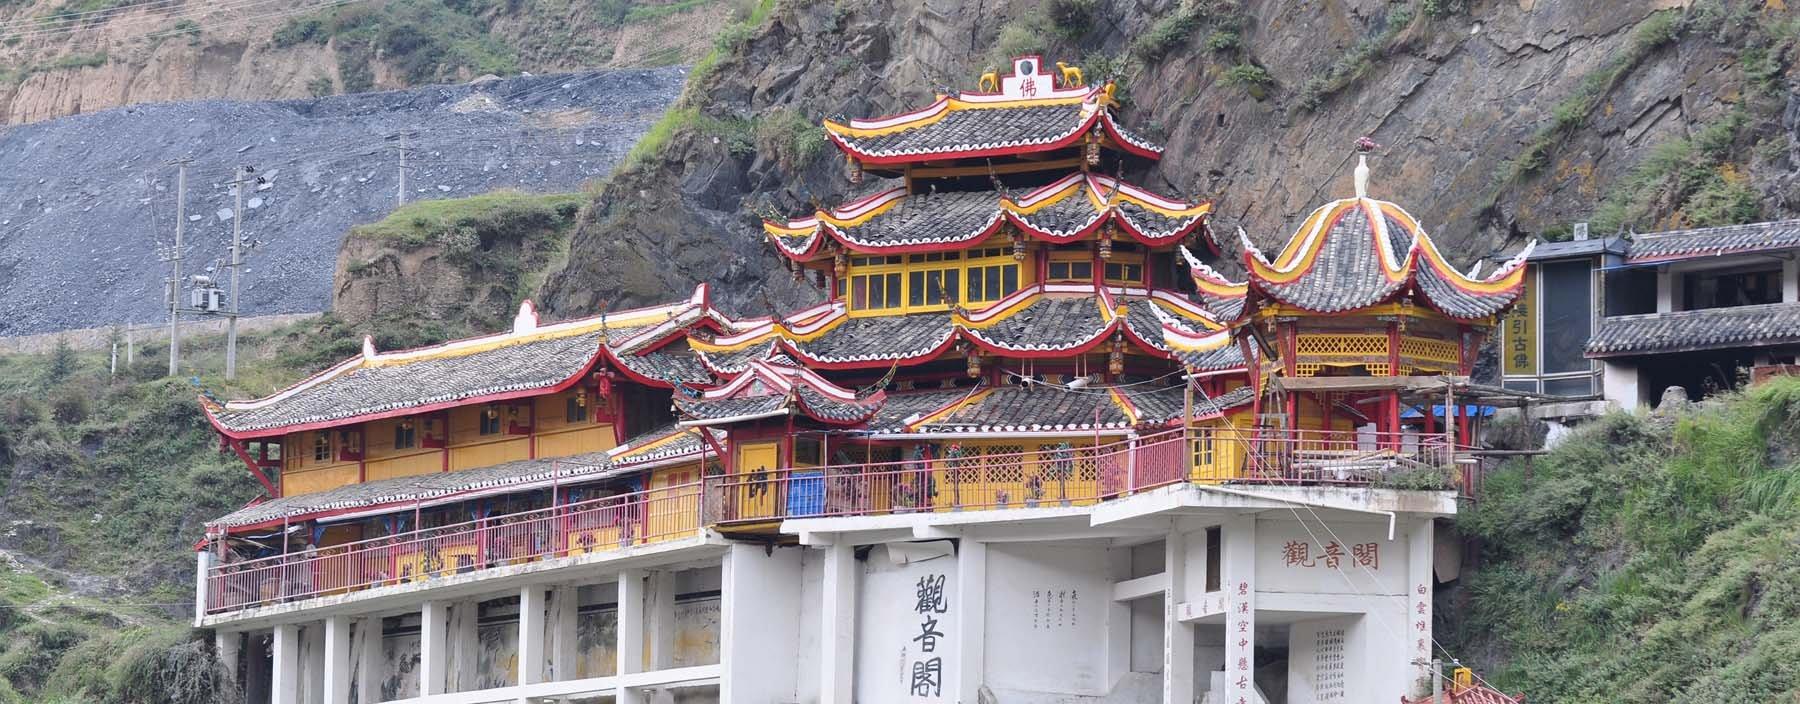 cn, songpan, klooster.jpg